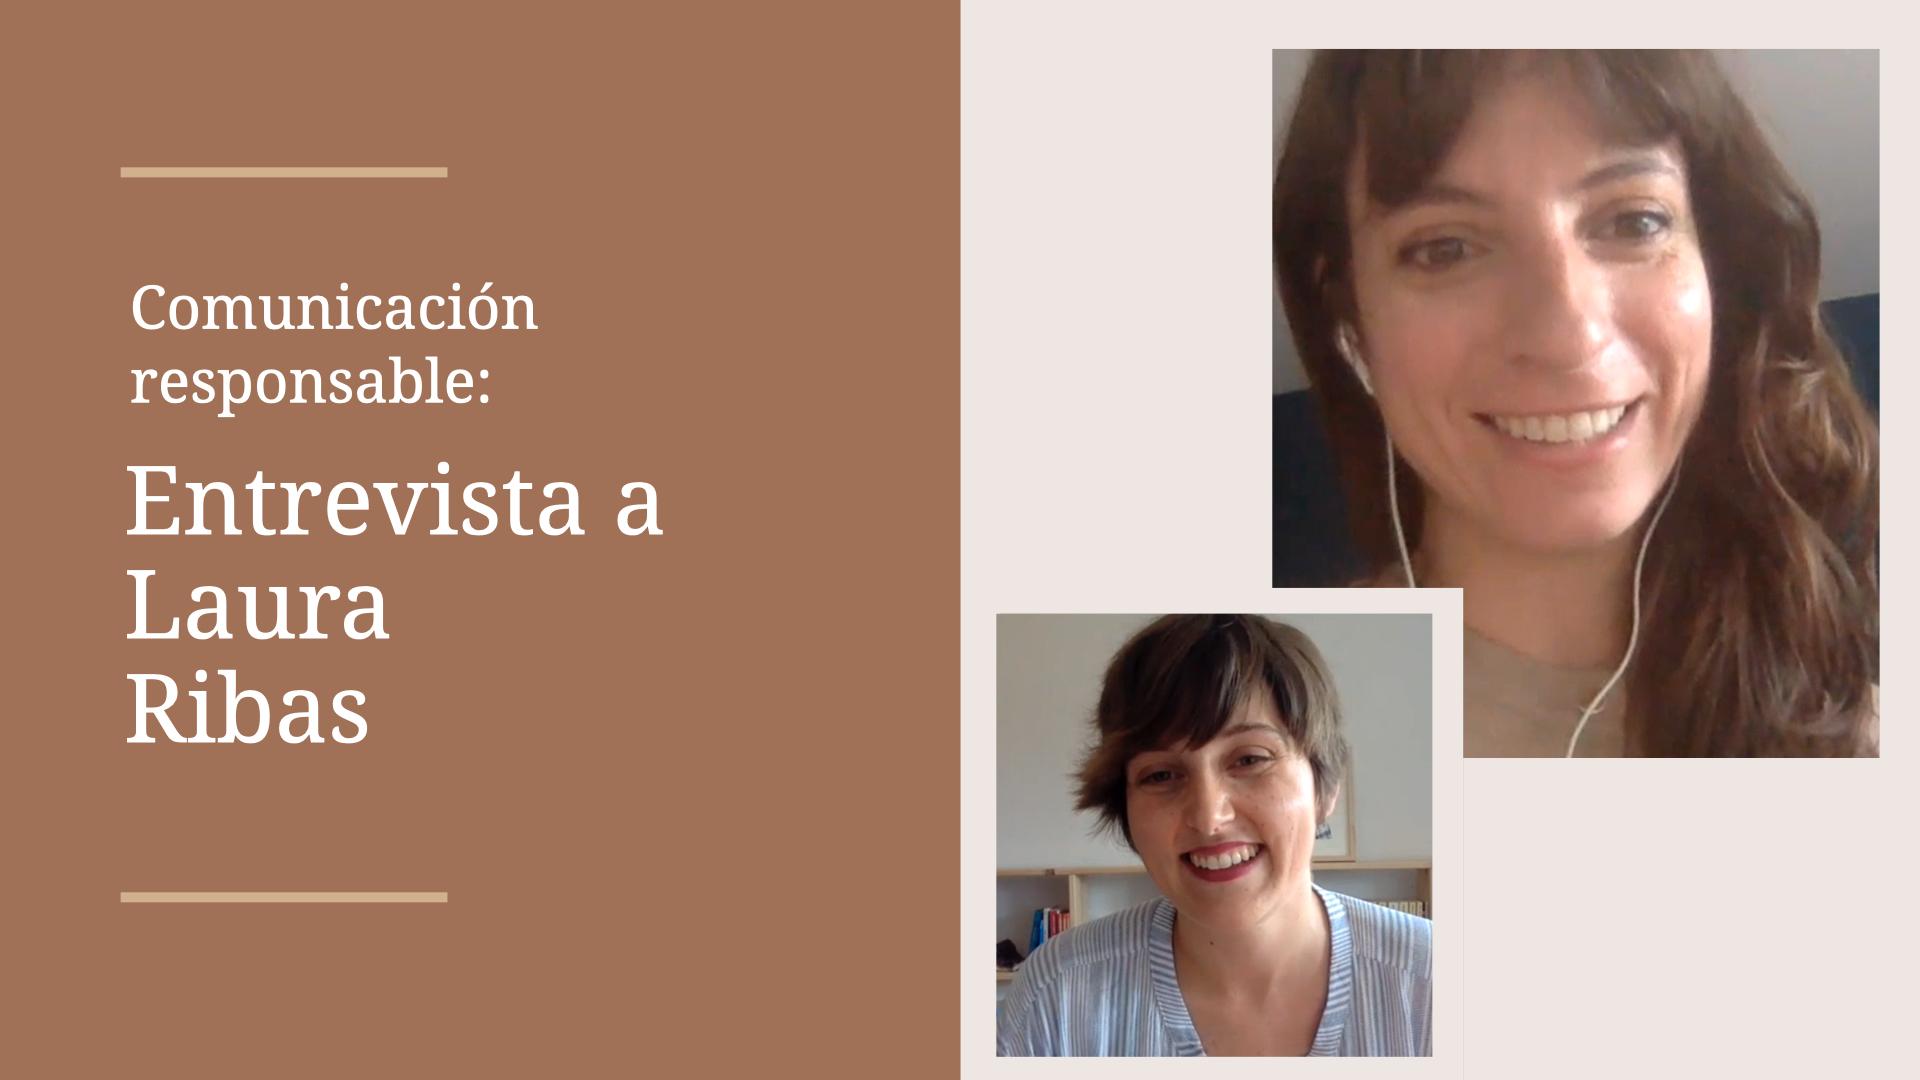 Comunicación responsable: entrevista a Laura Ribas